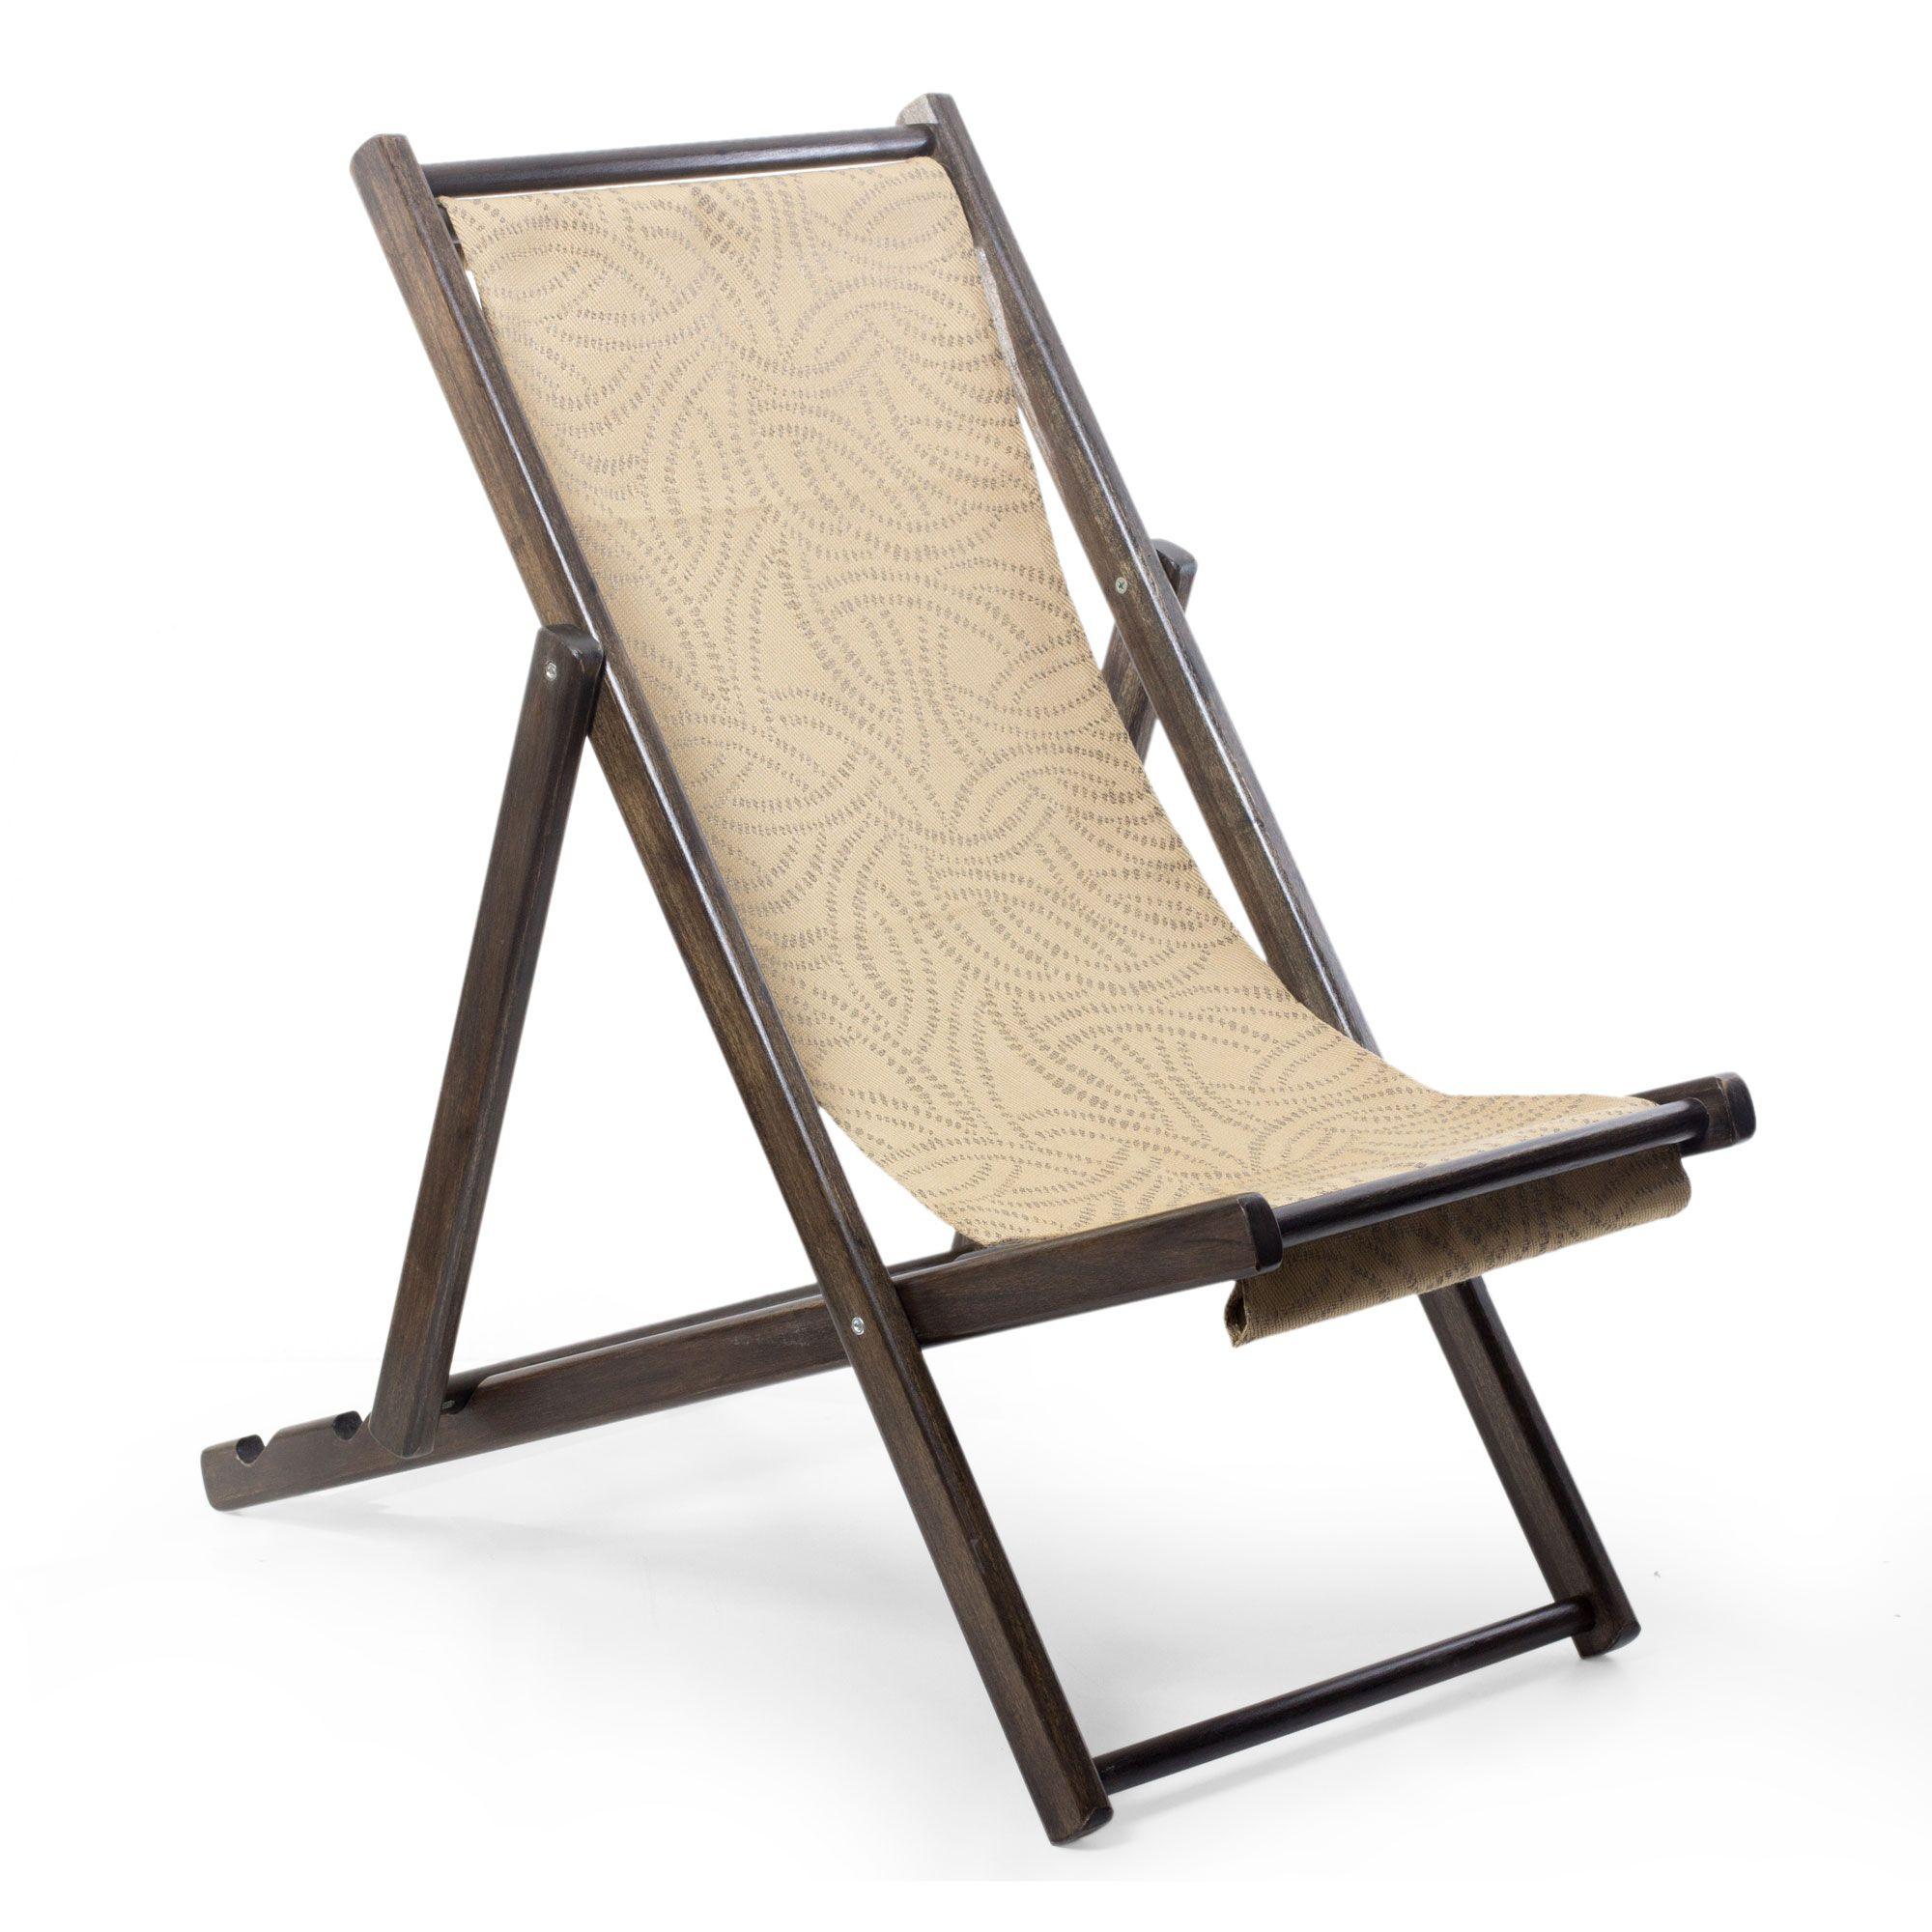 Faltbarer Lounge Sessel Faltbarer Lounge Sessel Schaffen Eine